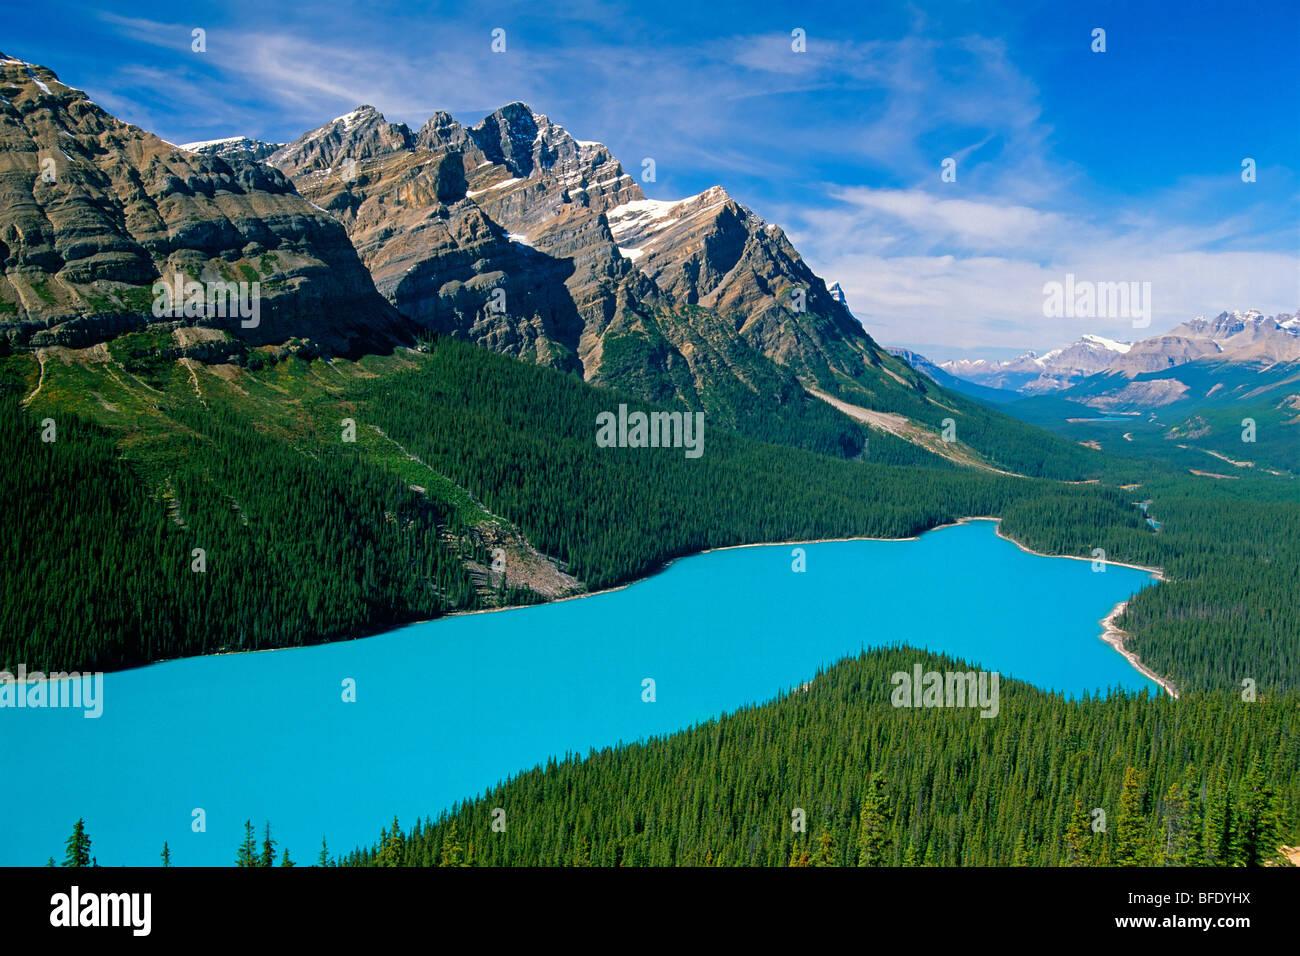 Un alto ángulo de vista del Lago Peyto, Icefields Parkway, Parque Nacional de Banff, Alberta, Canadá Imagen De Stock